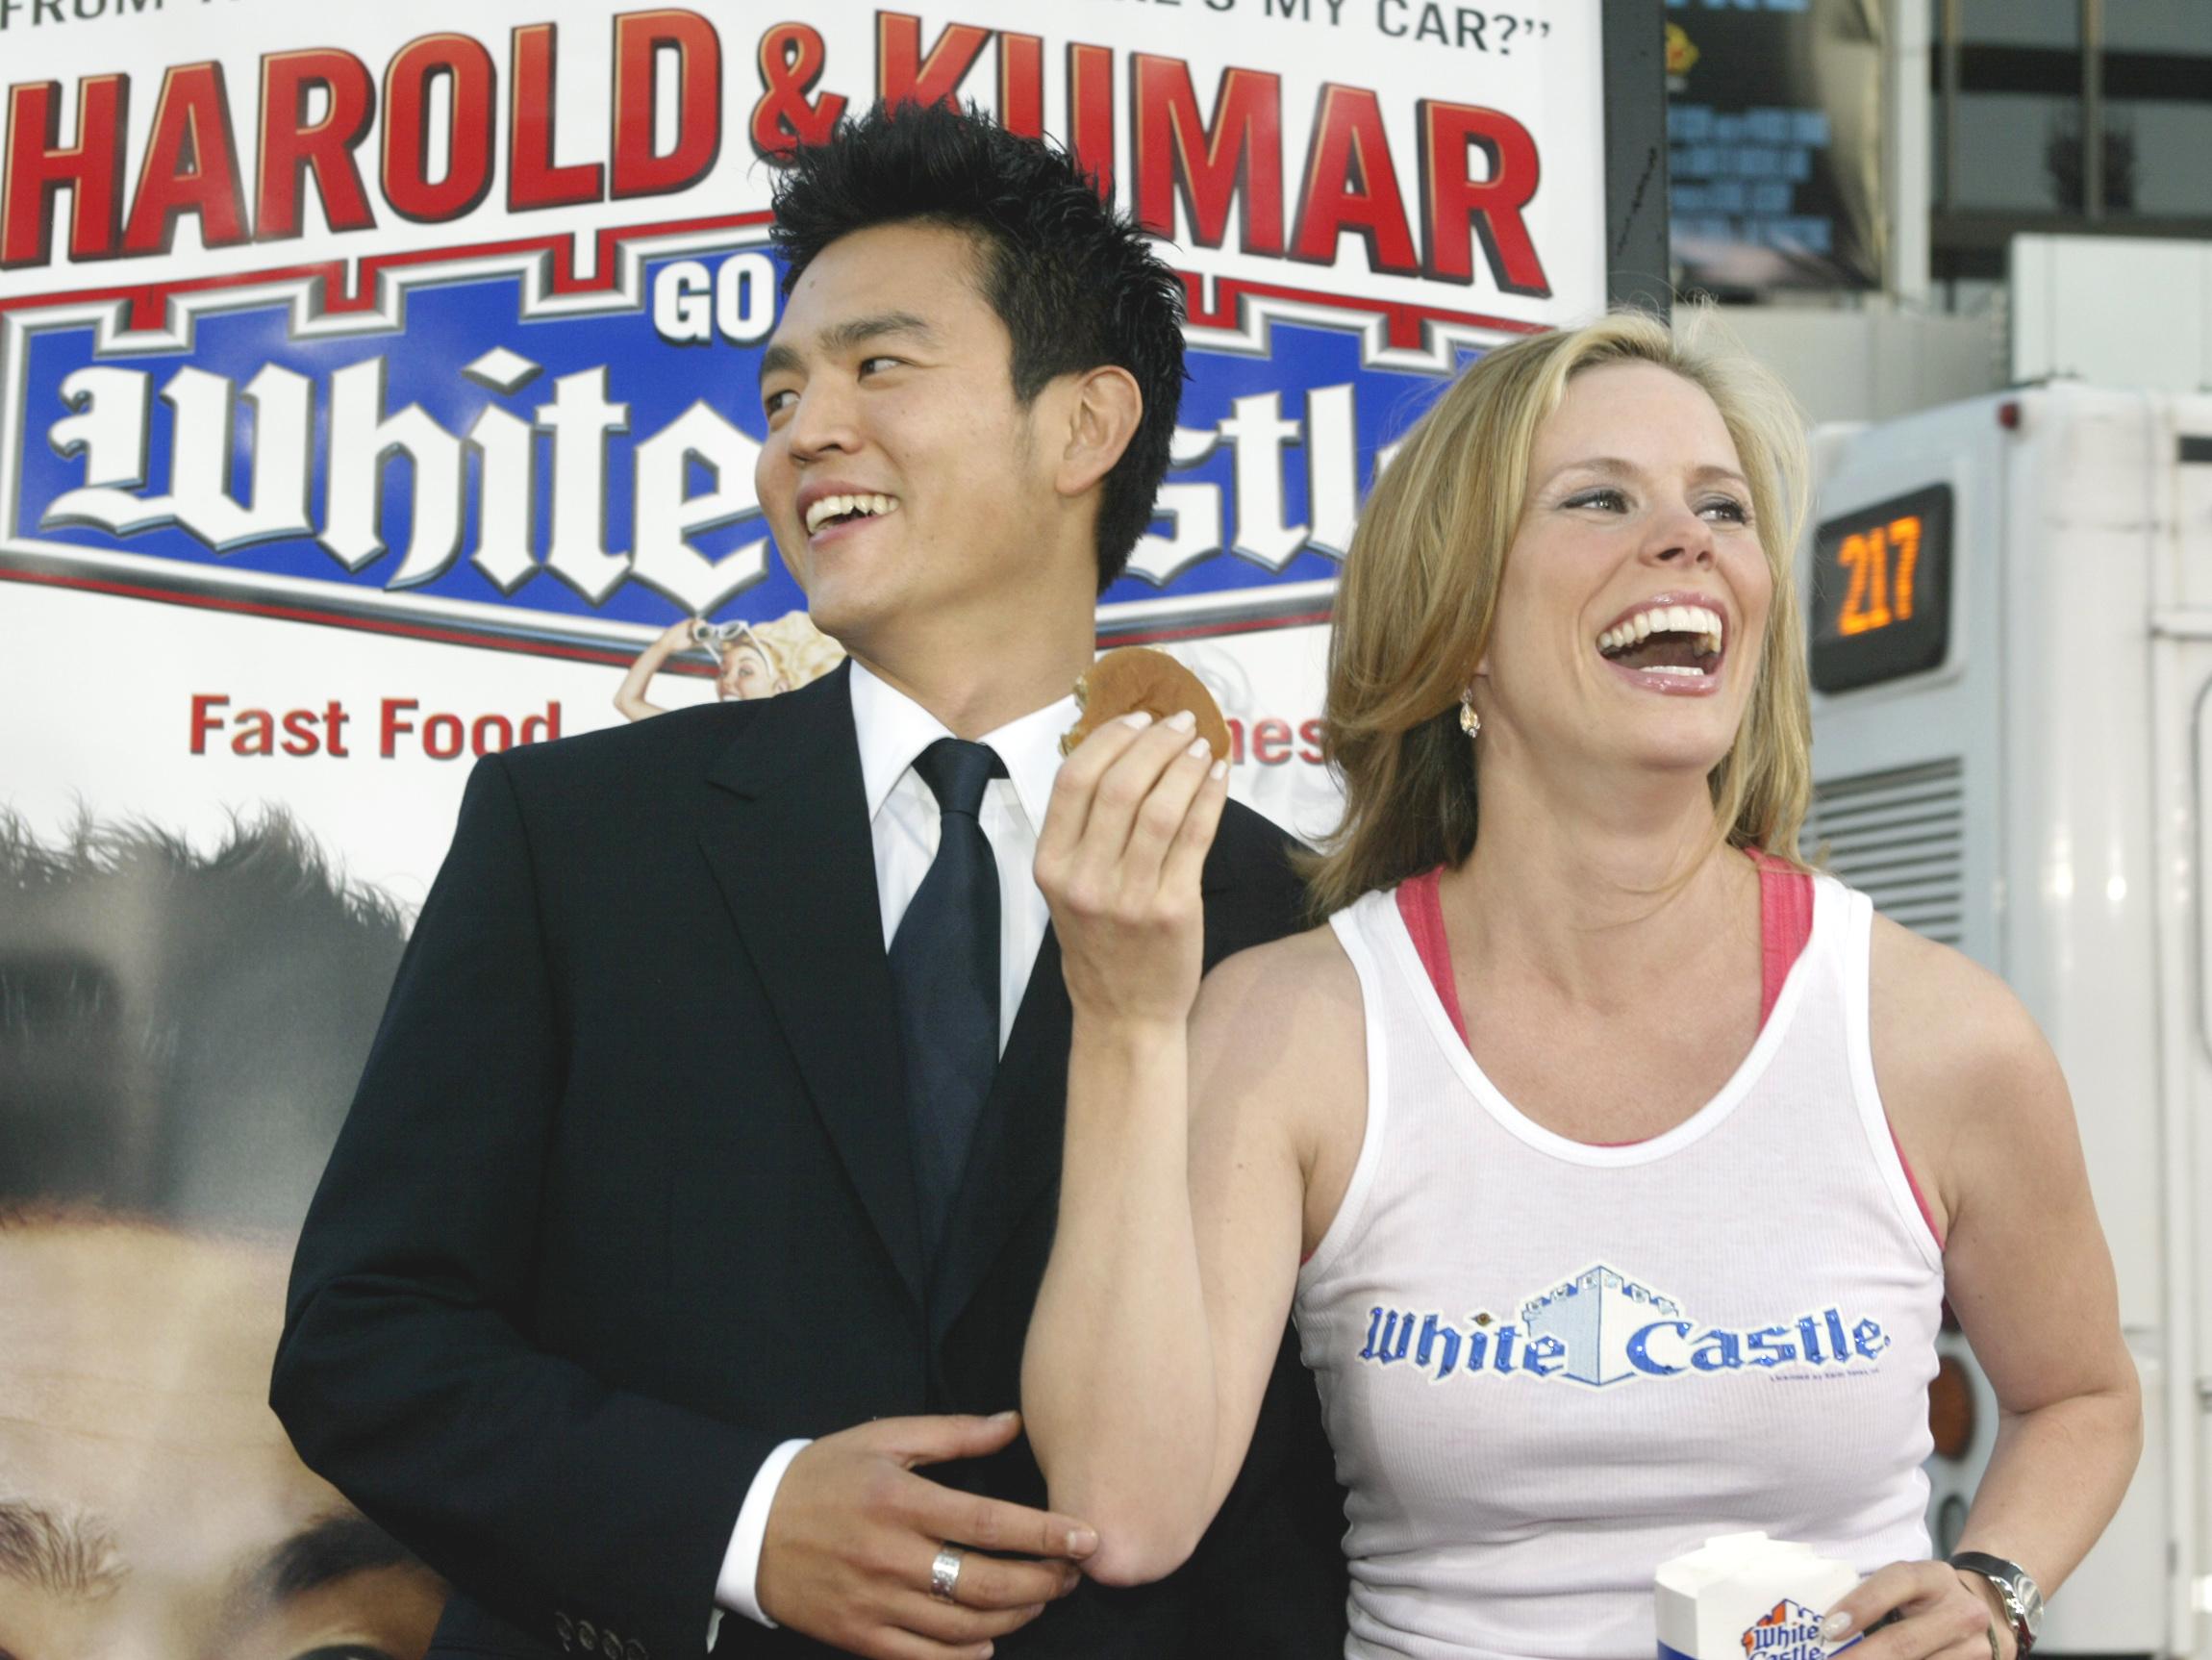 John Cho and Cheryl Hines at movie premiere